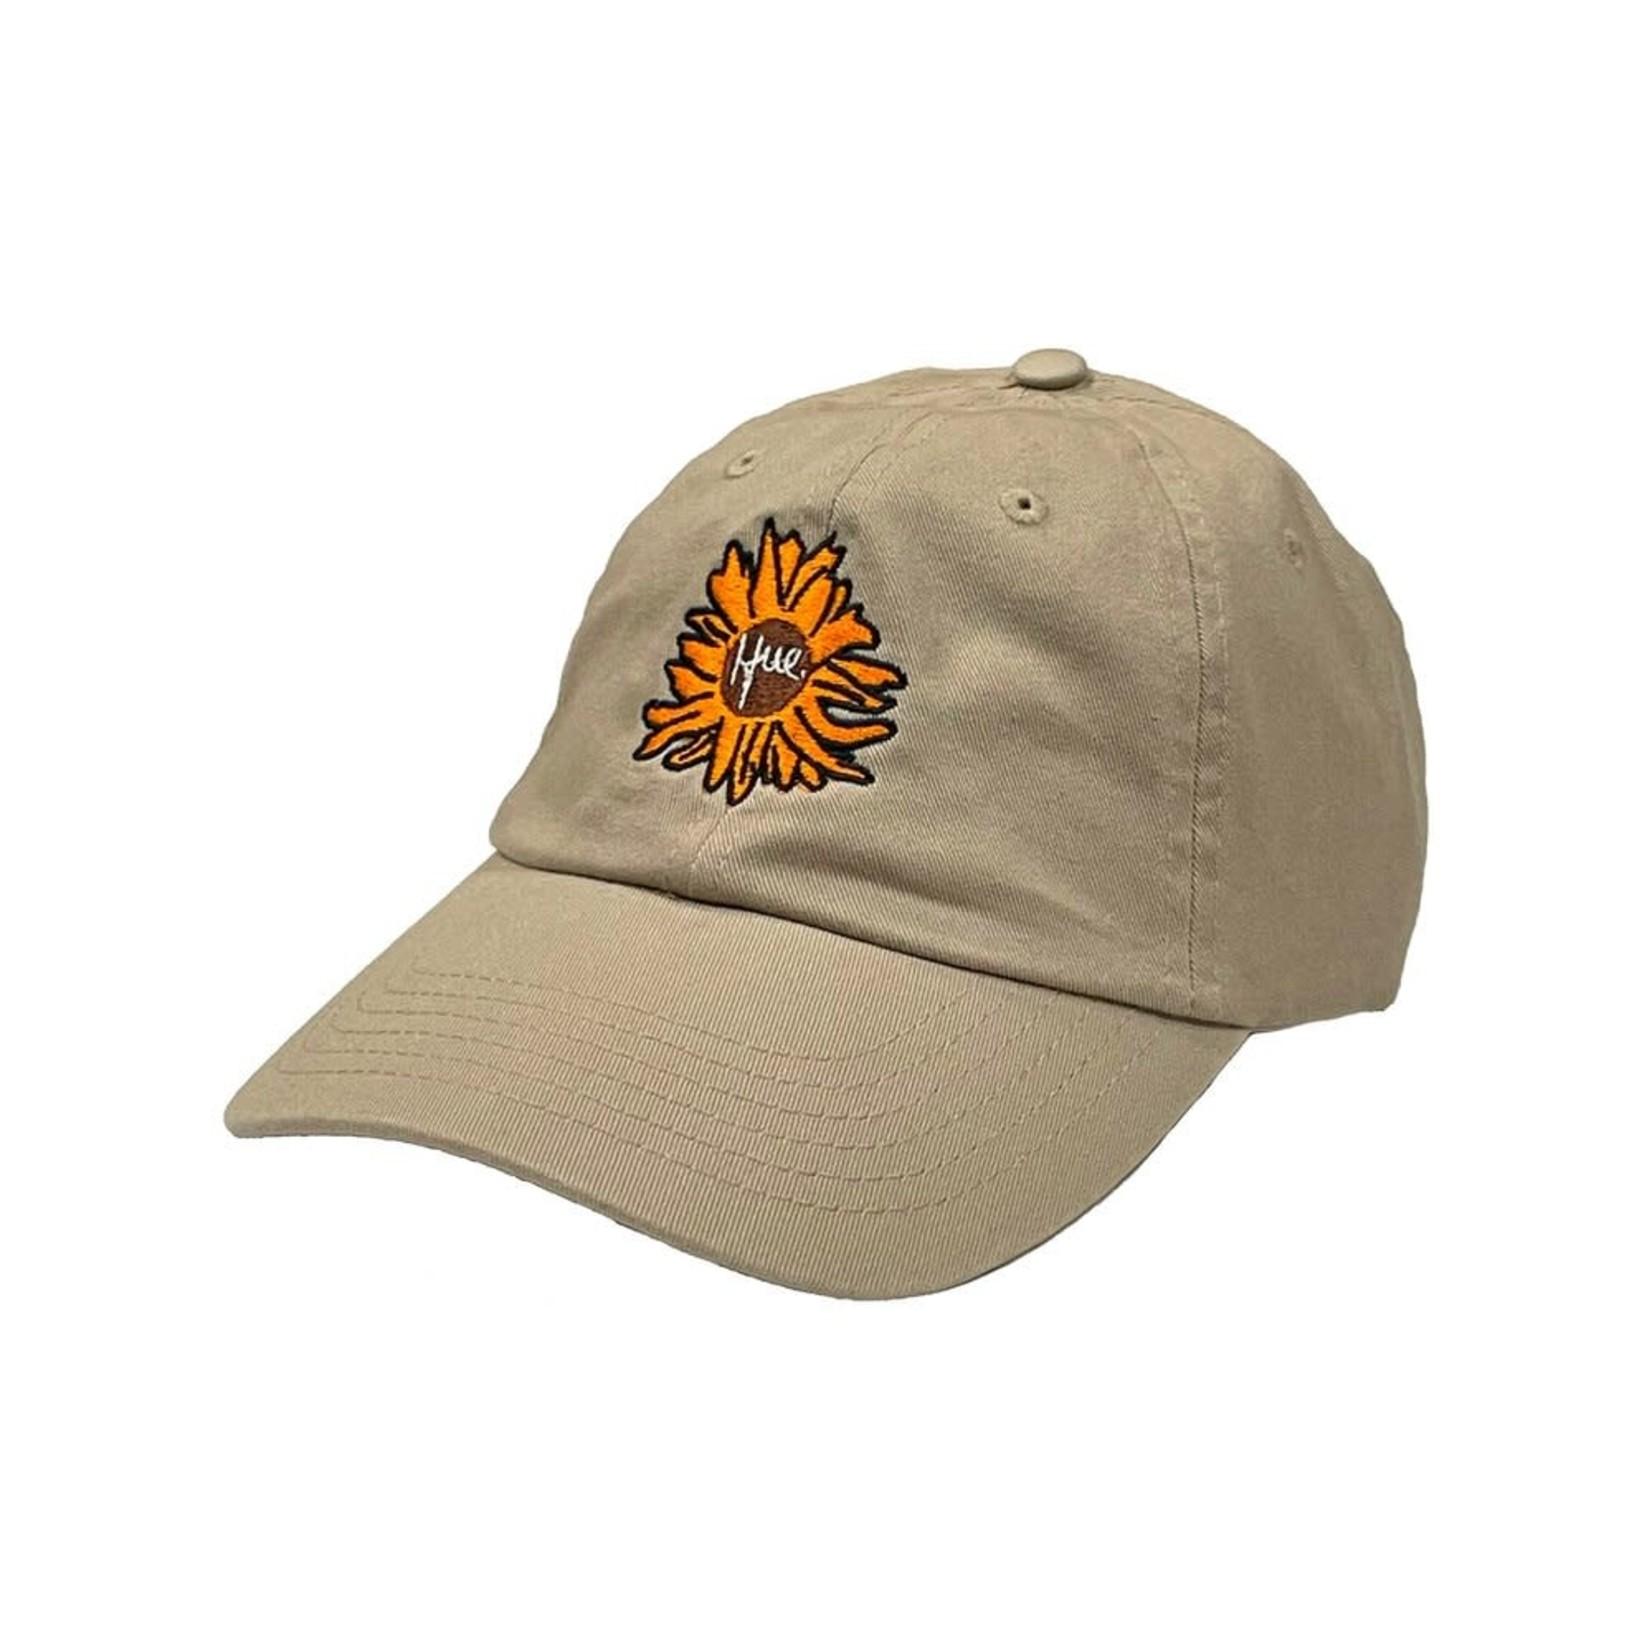 Hue Hue Daisy Hat